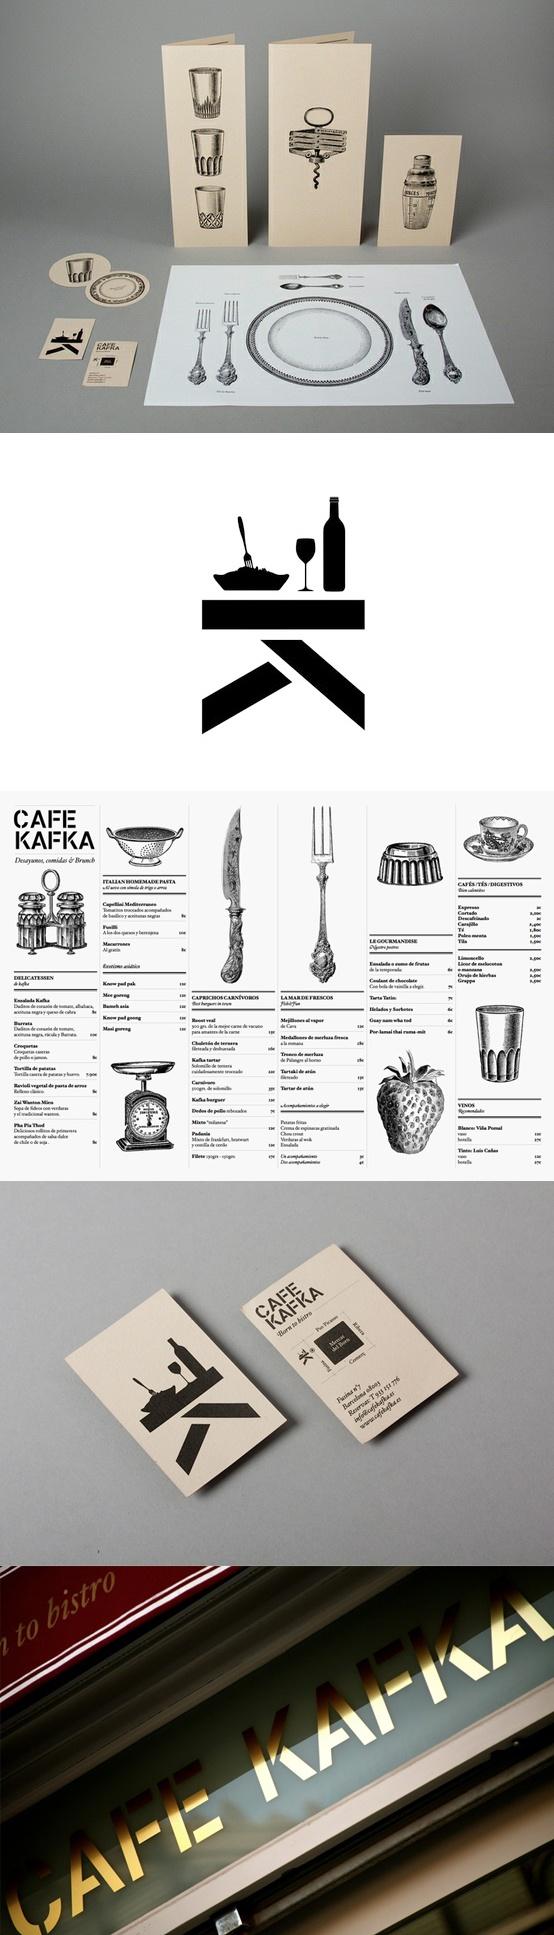 Ref. cardápio - Café Kafka identity by Lo Siento, Barcalona